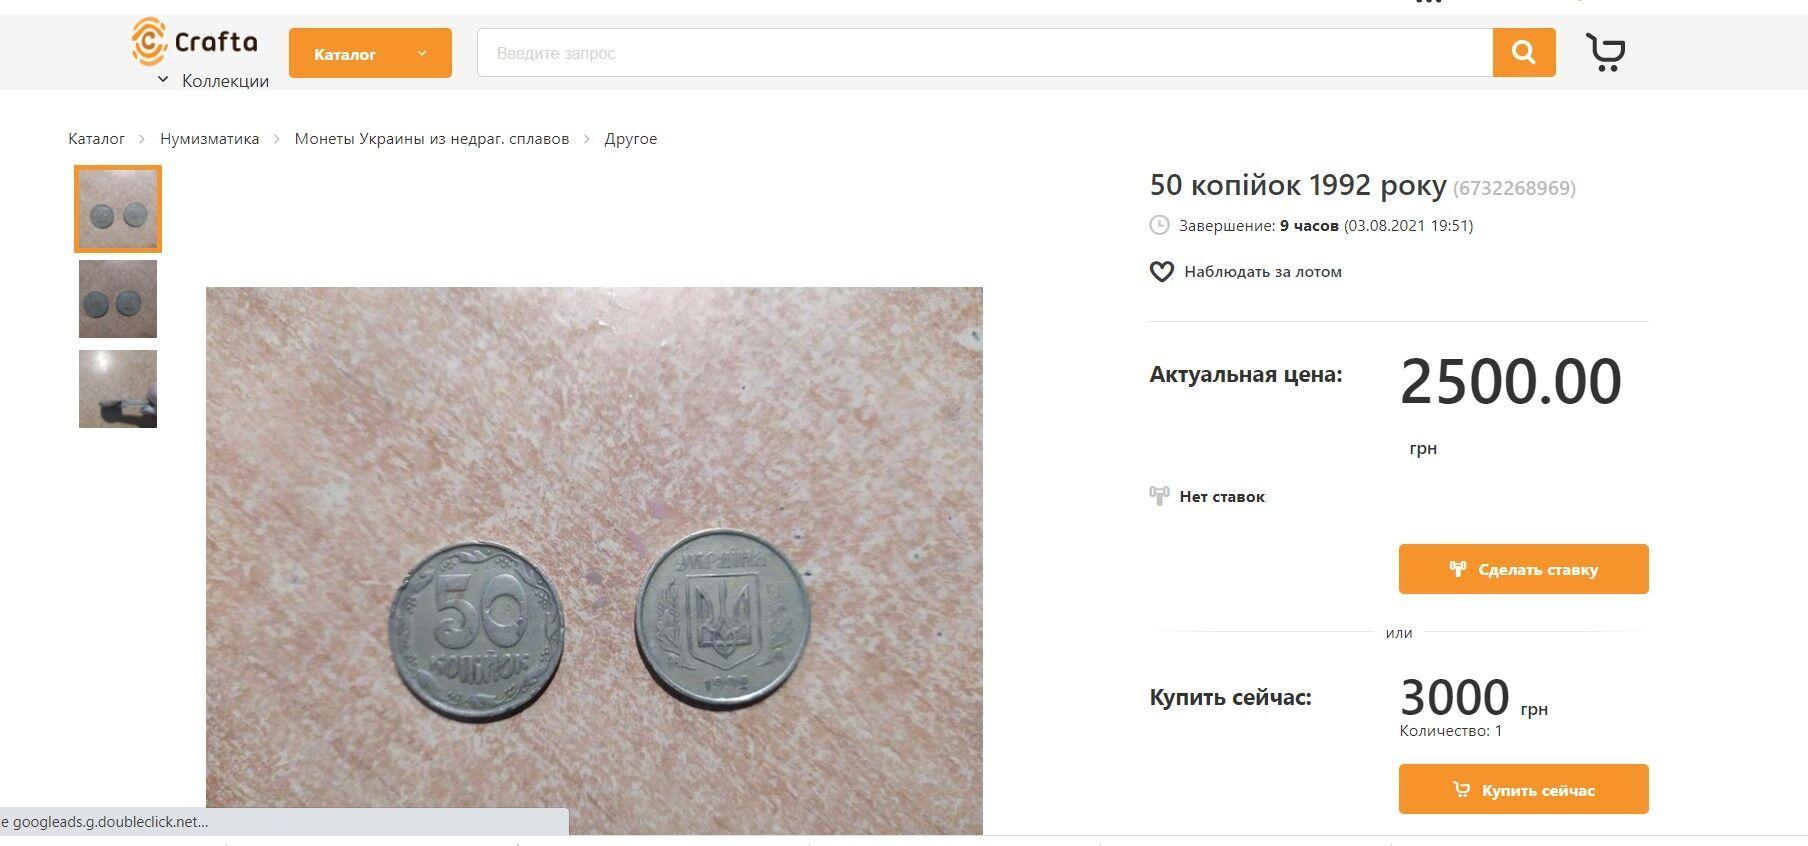 Копейку 1992 года выпуска можно продать за 3000 грн